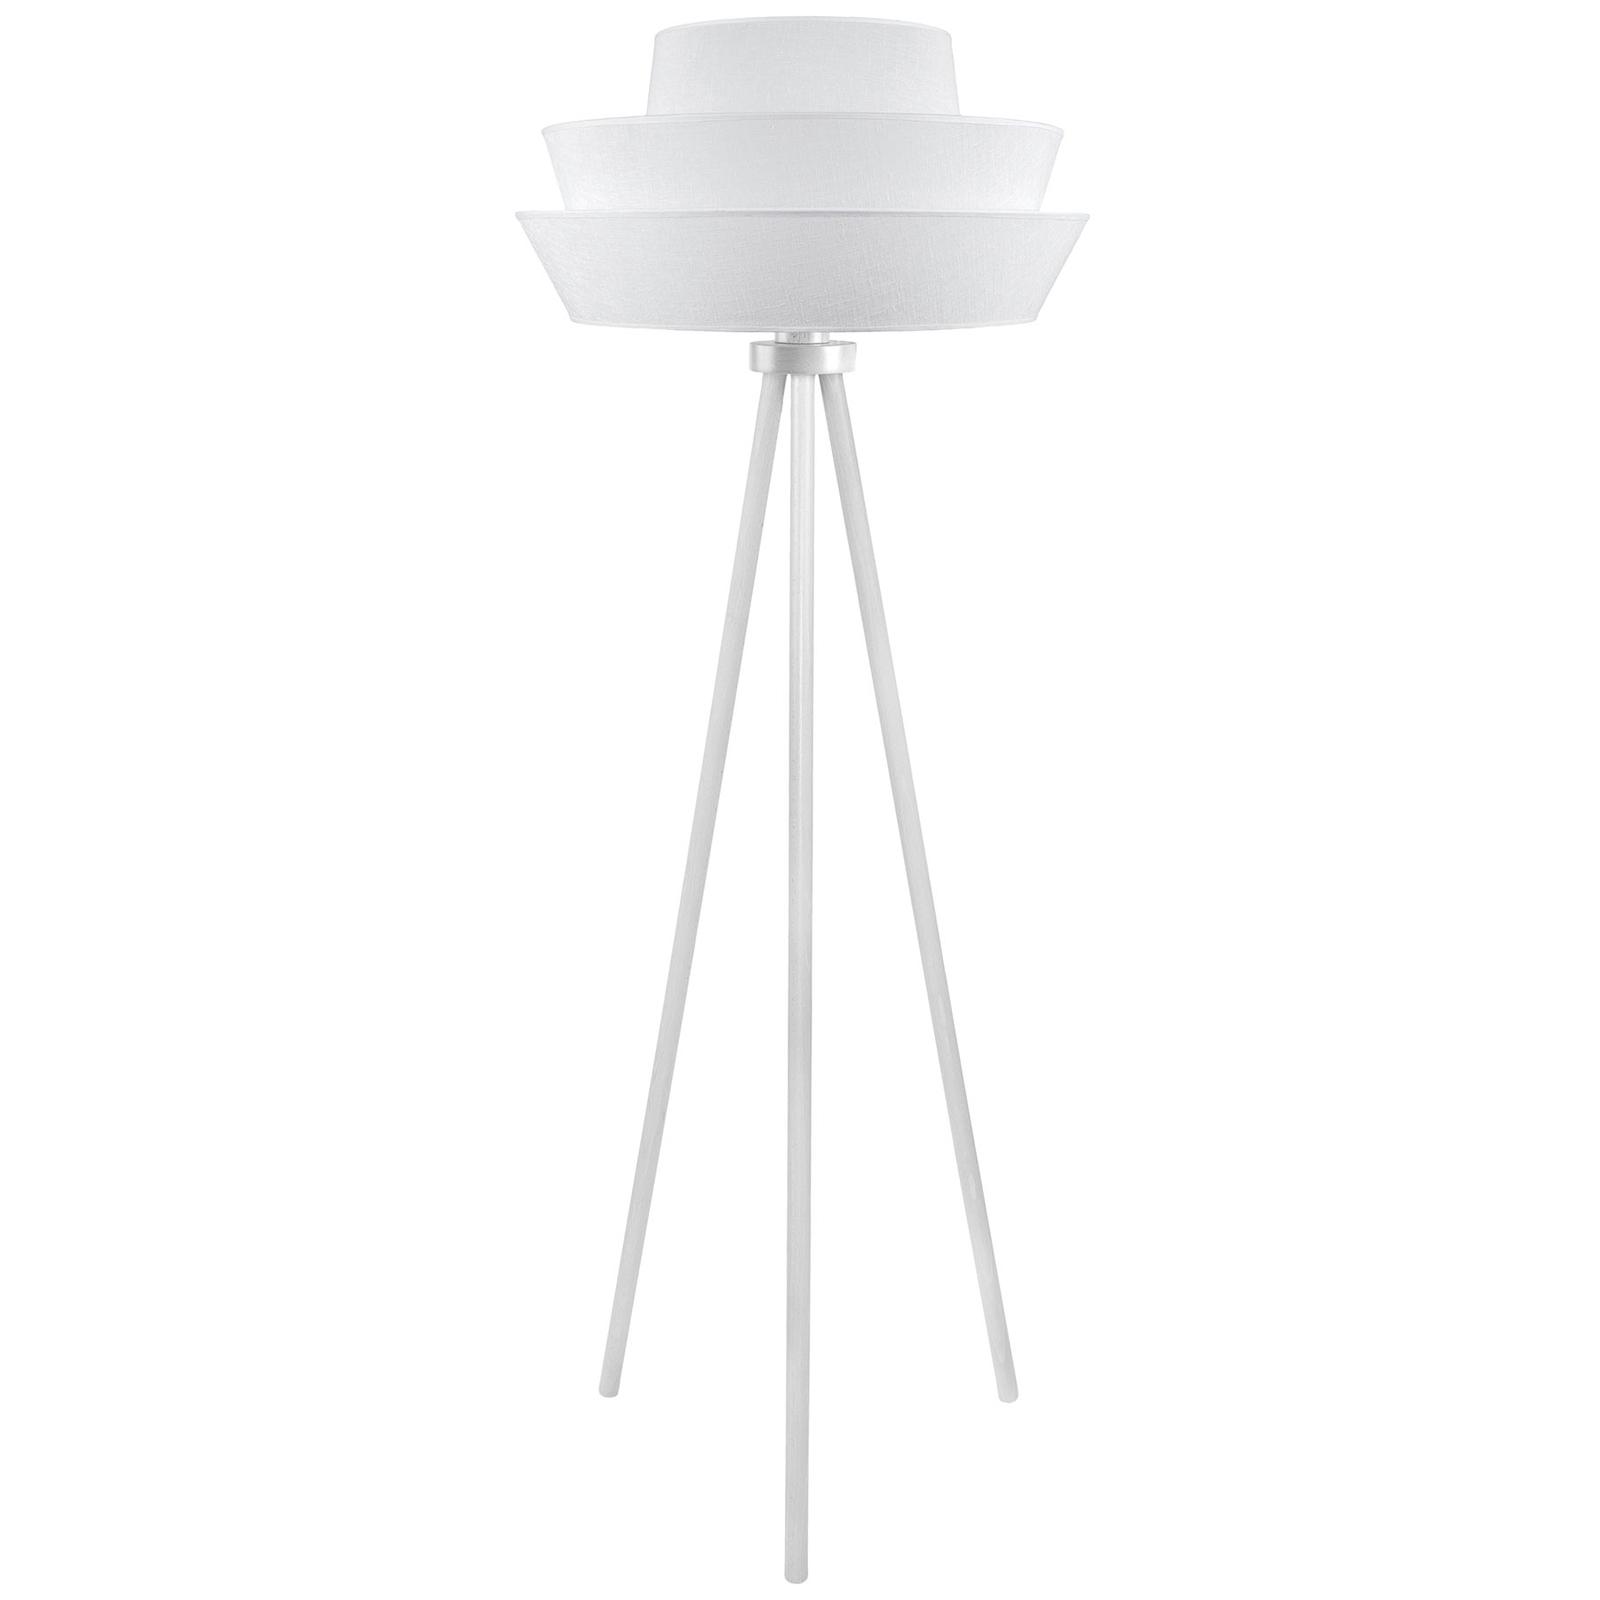 Trebein-gulvlampe Lotos, hvit